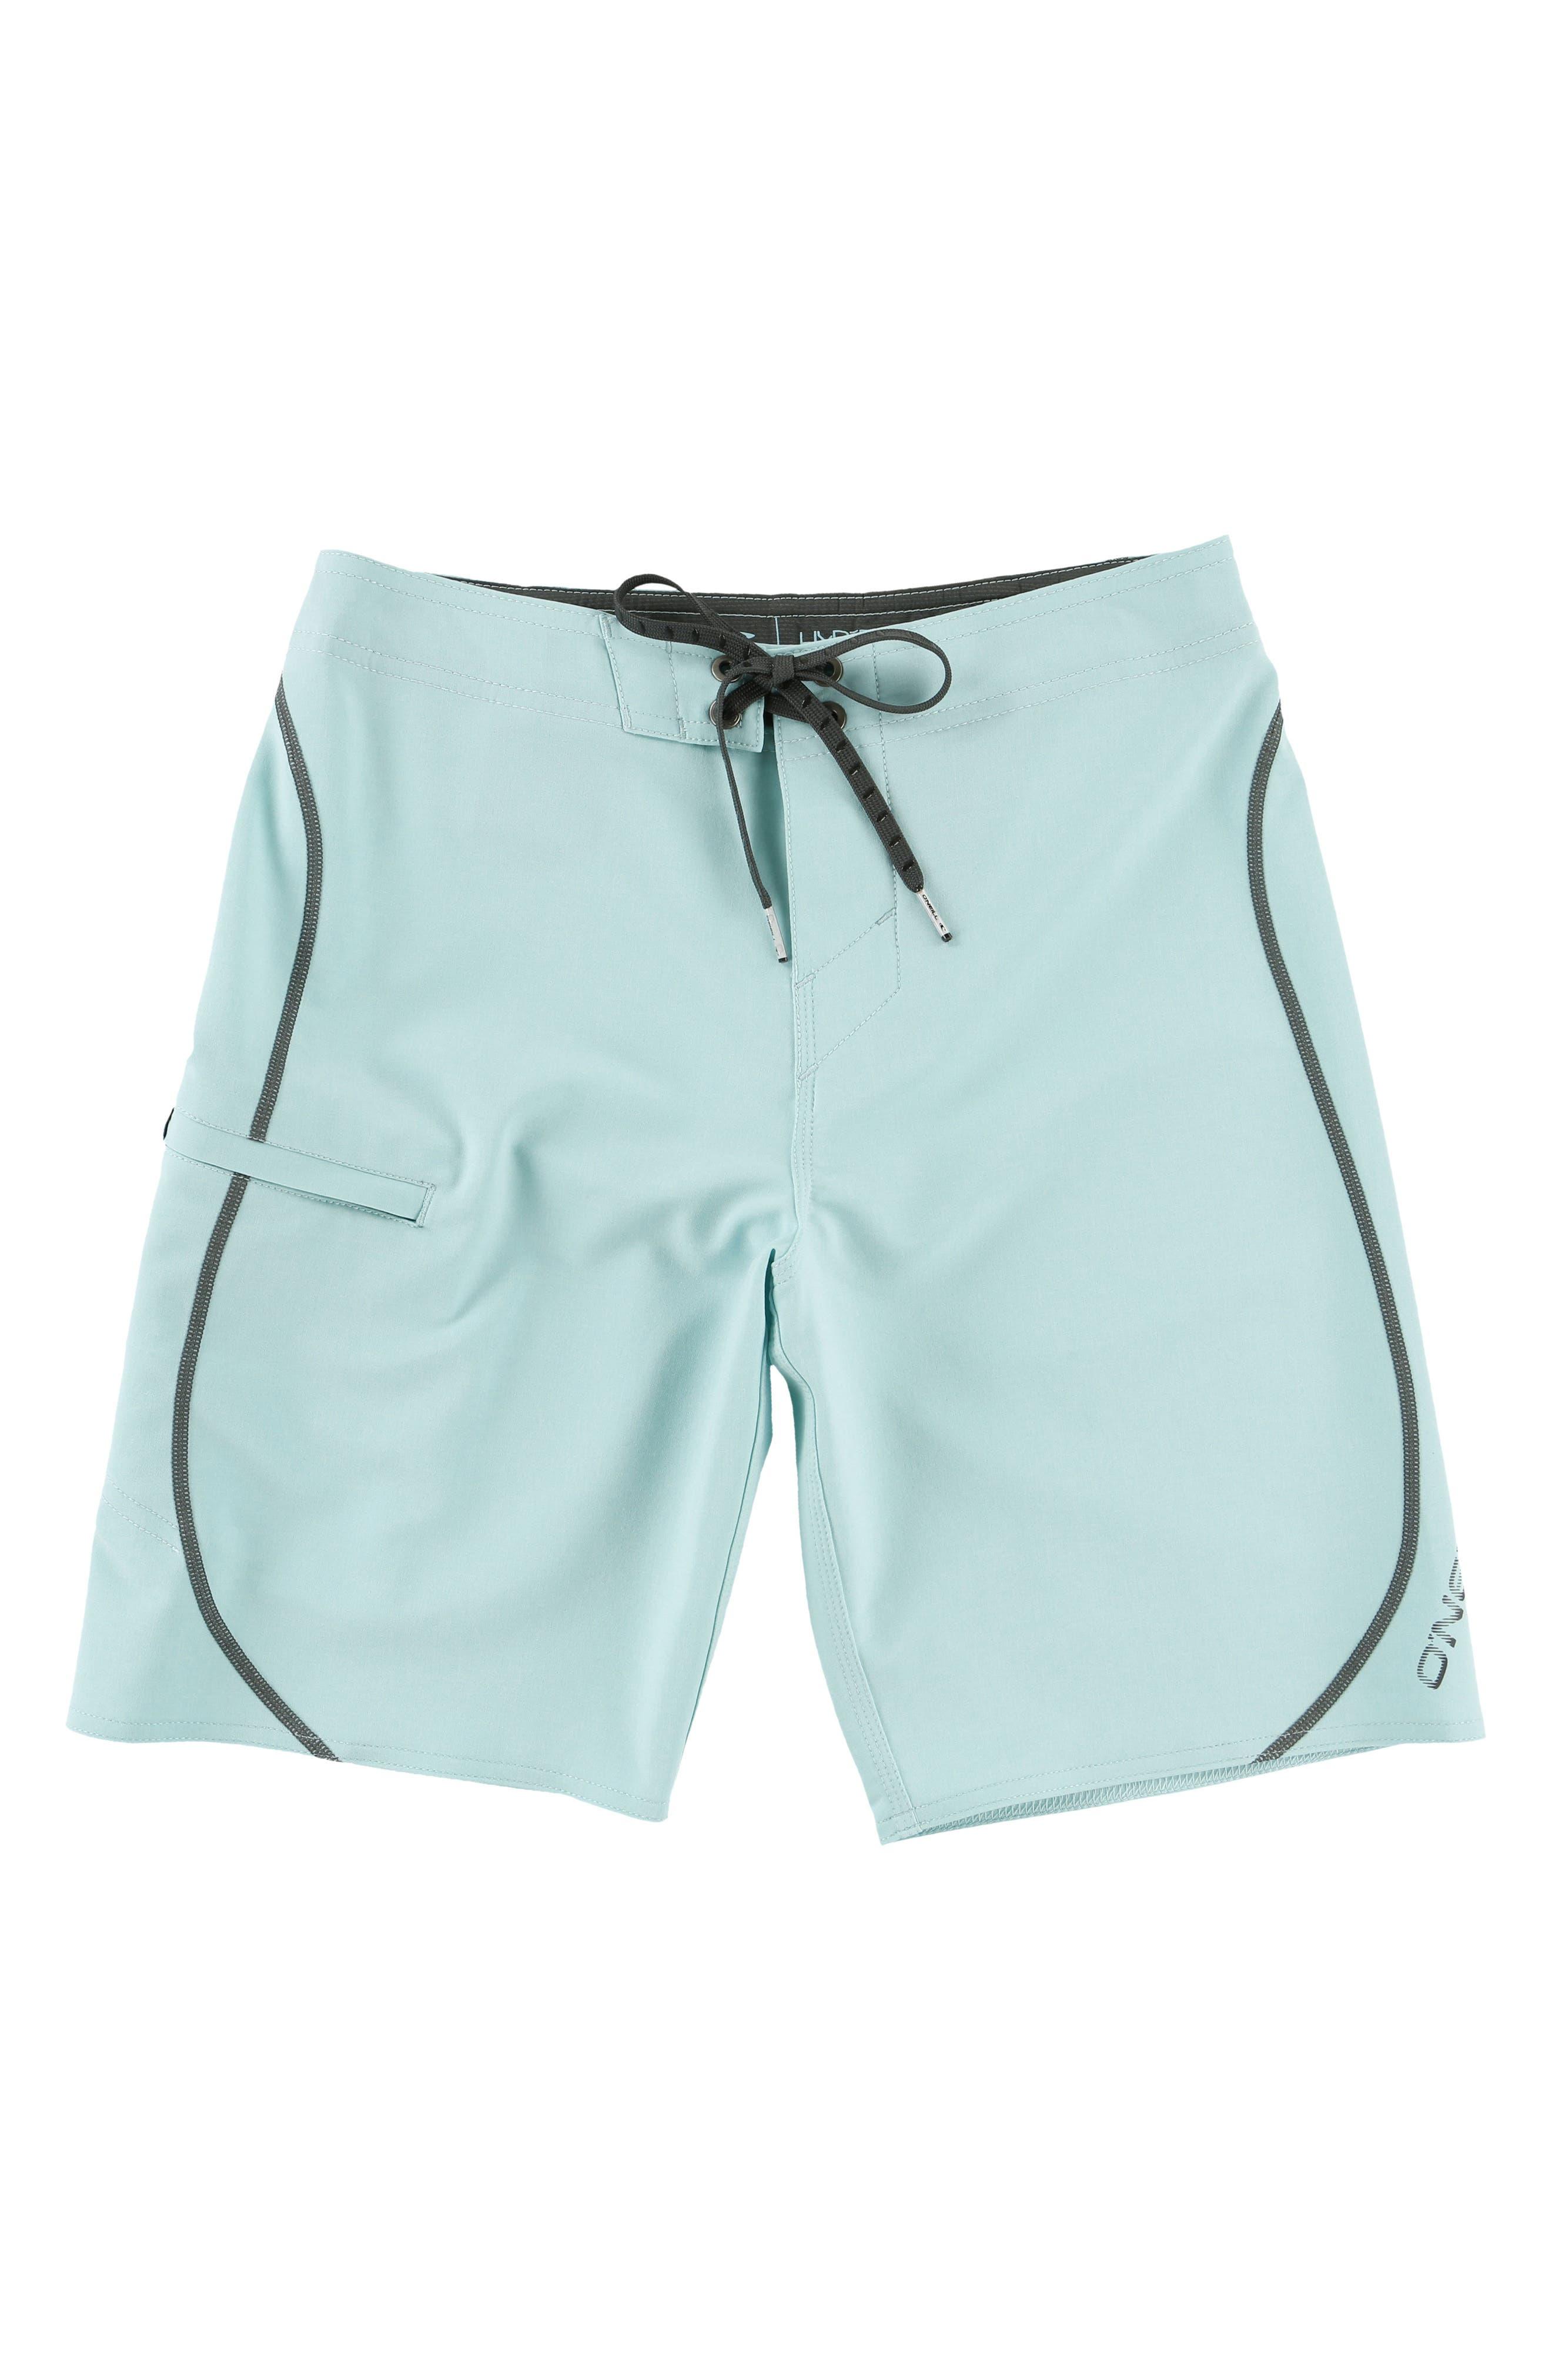 O'NEILL Hyperfreak S-Seam Stretch Board Shorts